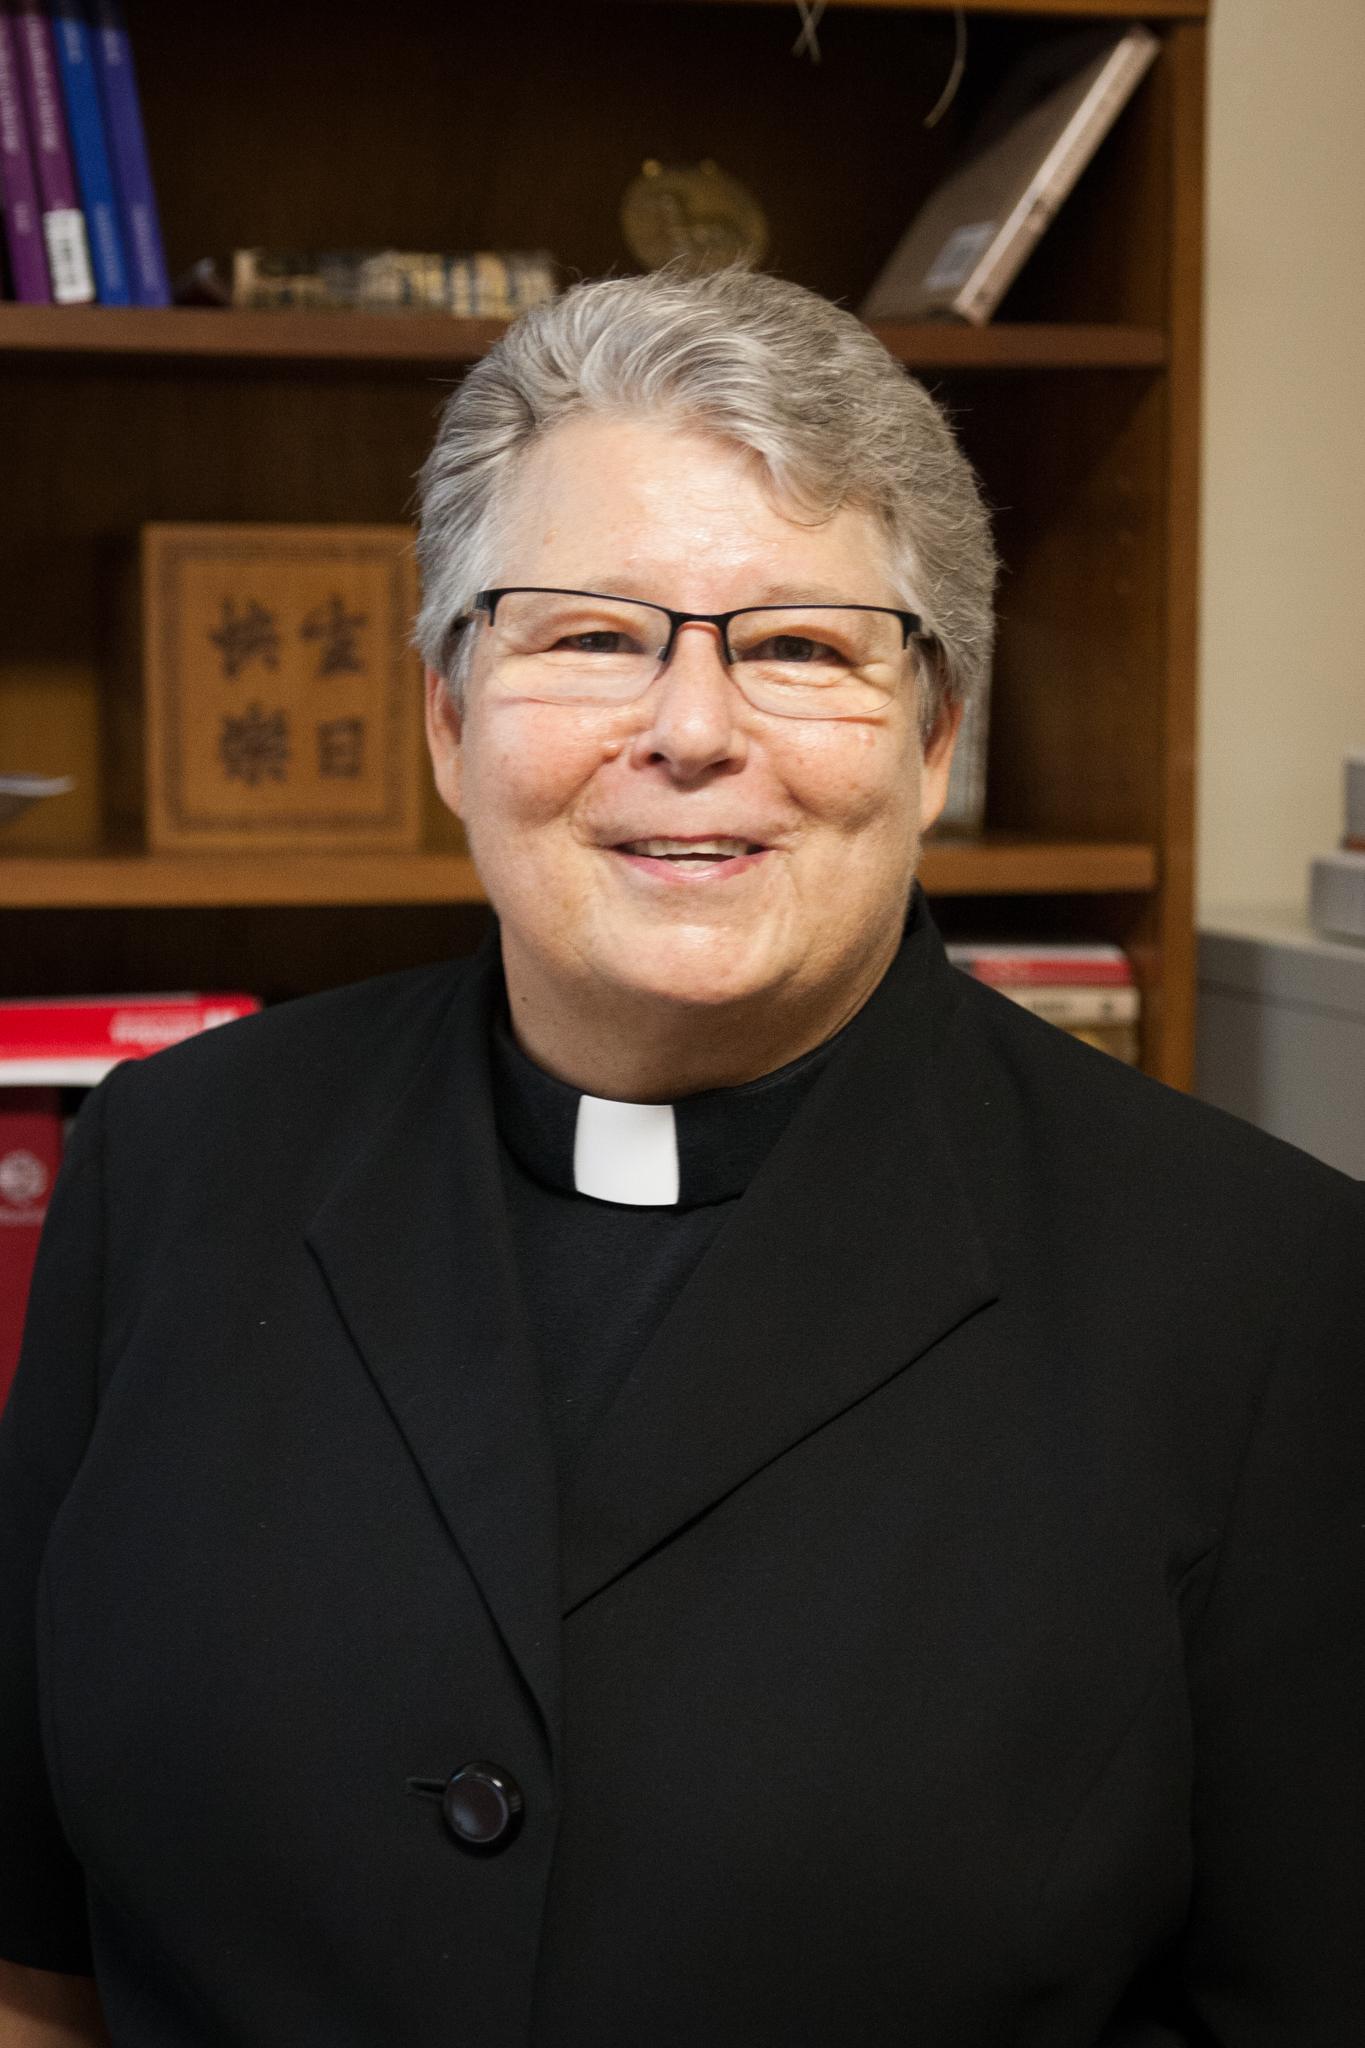 The Reverend Deborah DeWinter